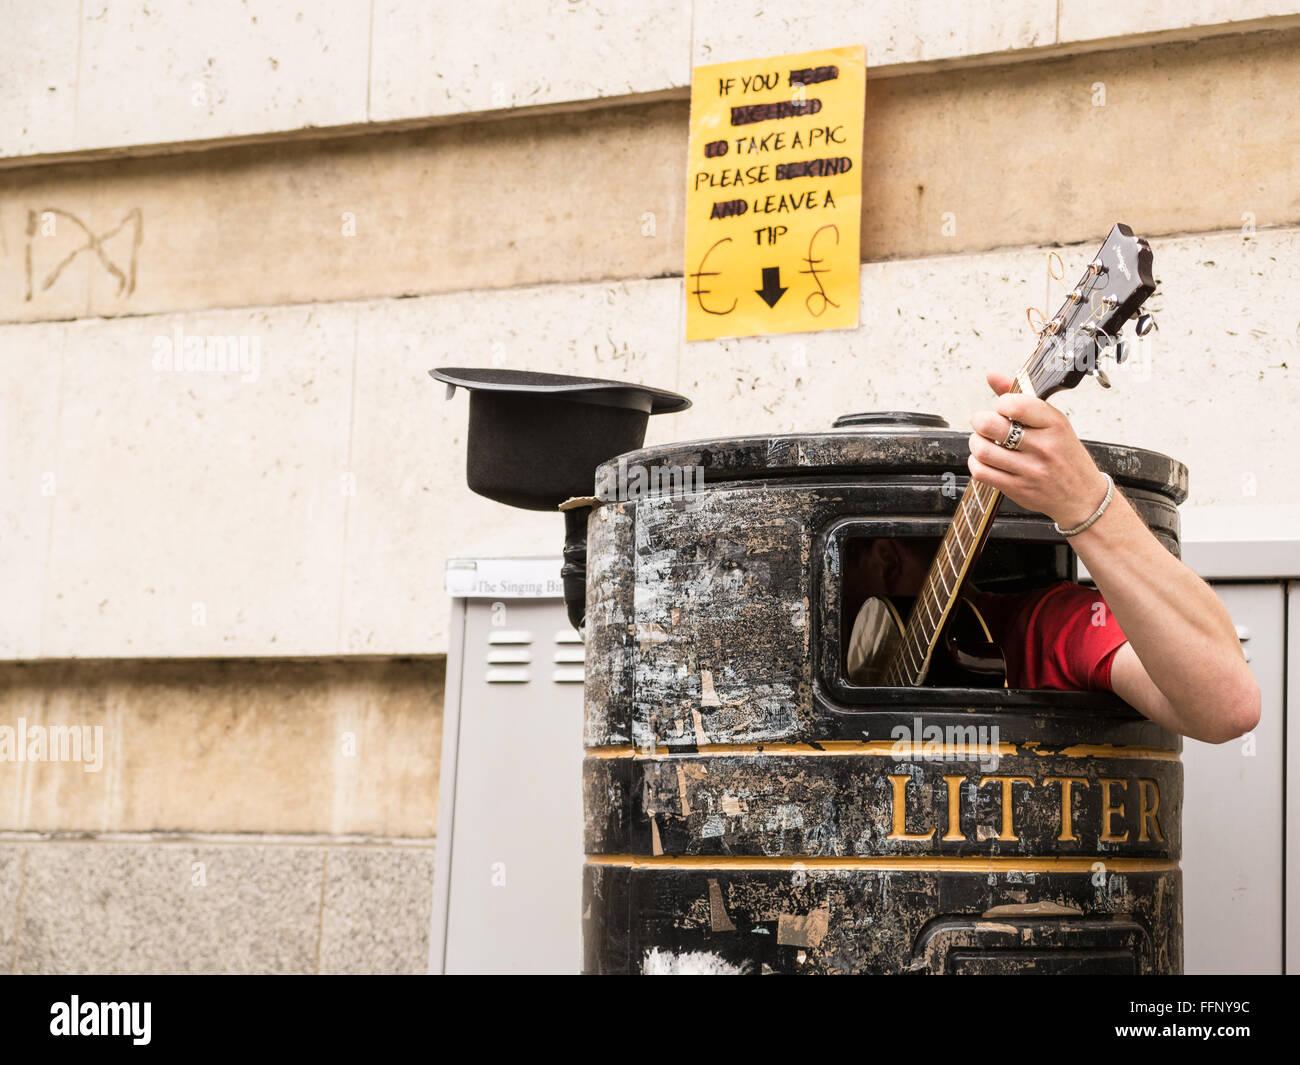 Musicien ambulant chantant et en jouant de la guitare à l'intérieur d'une poubelle dans une rue. Photo Stock